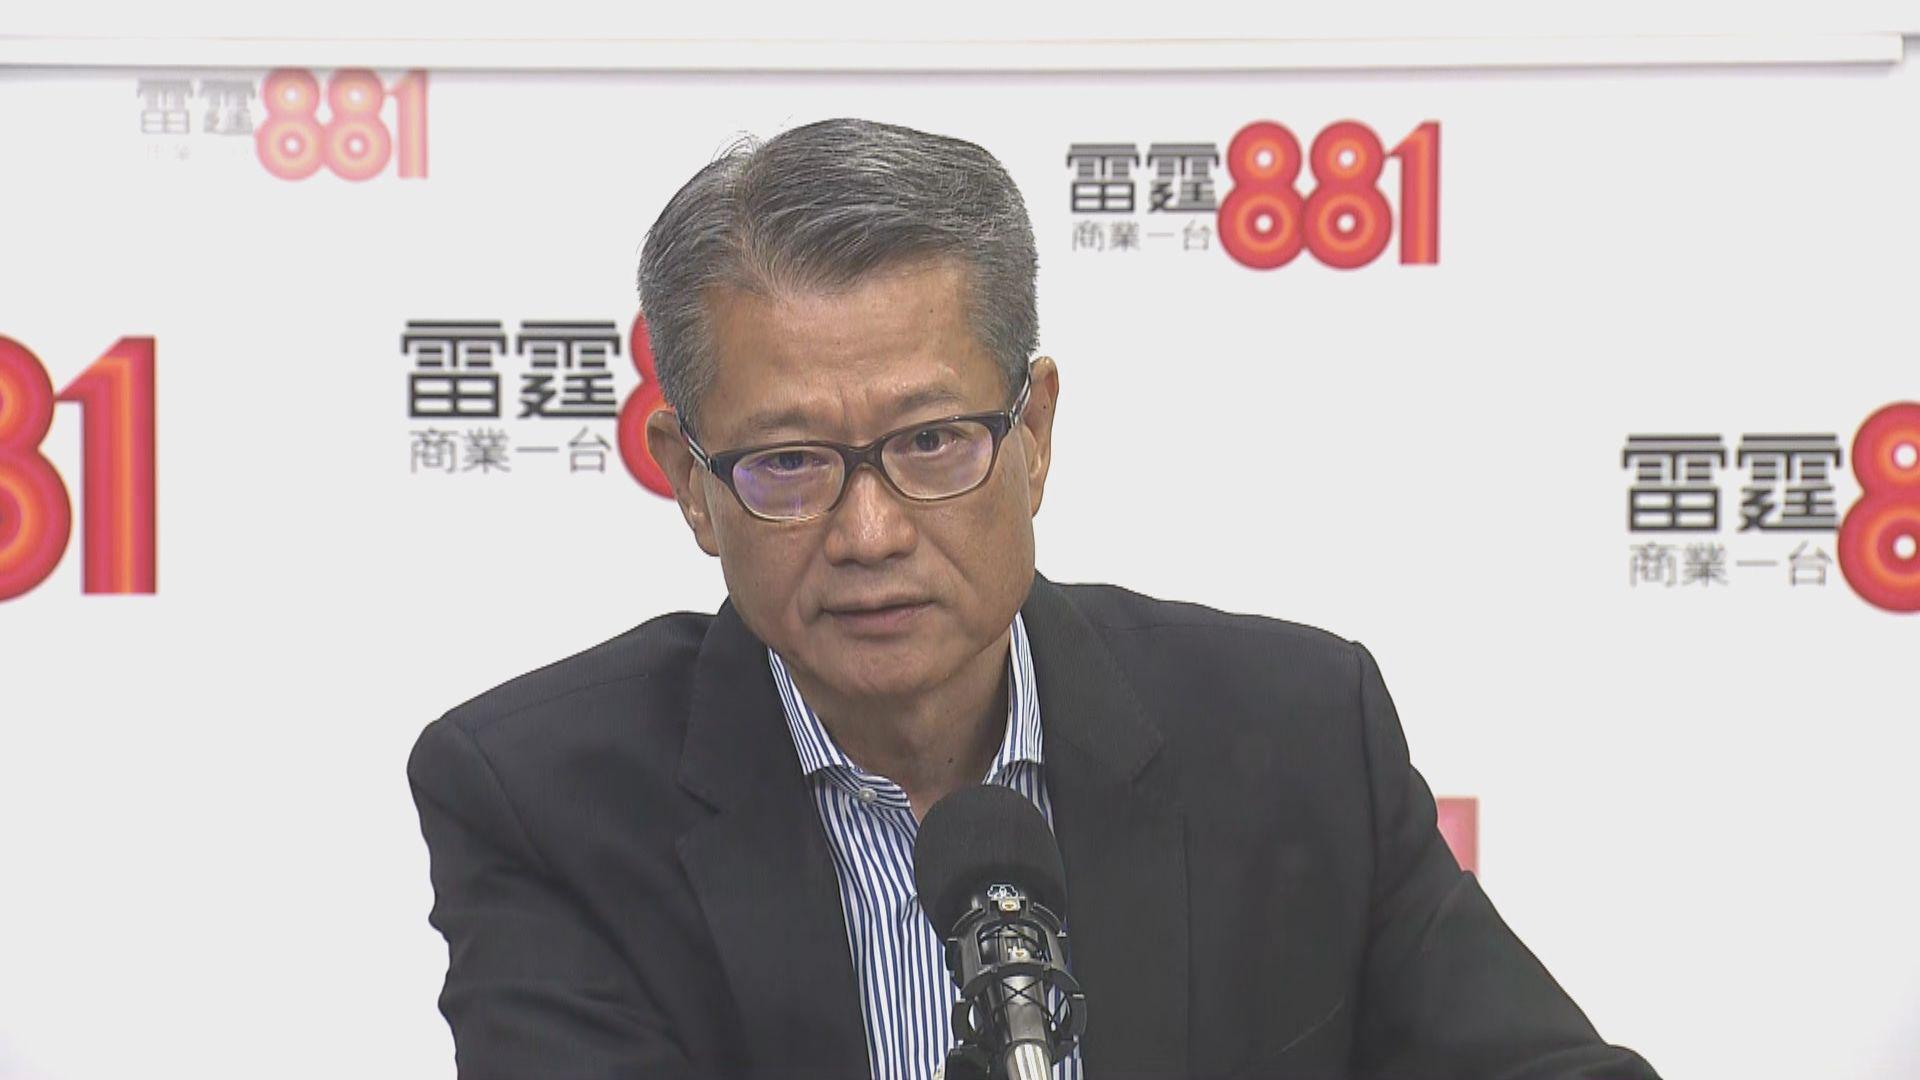 陳茂波:有需要時會推出措施刺激經濟